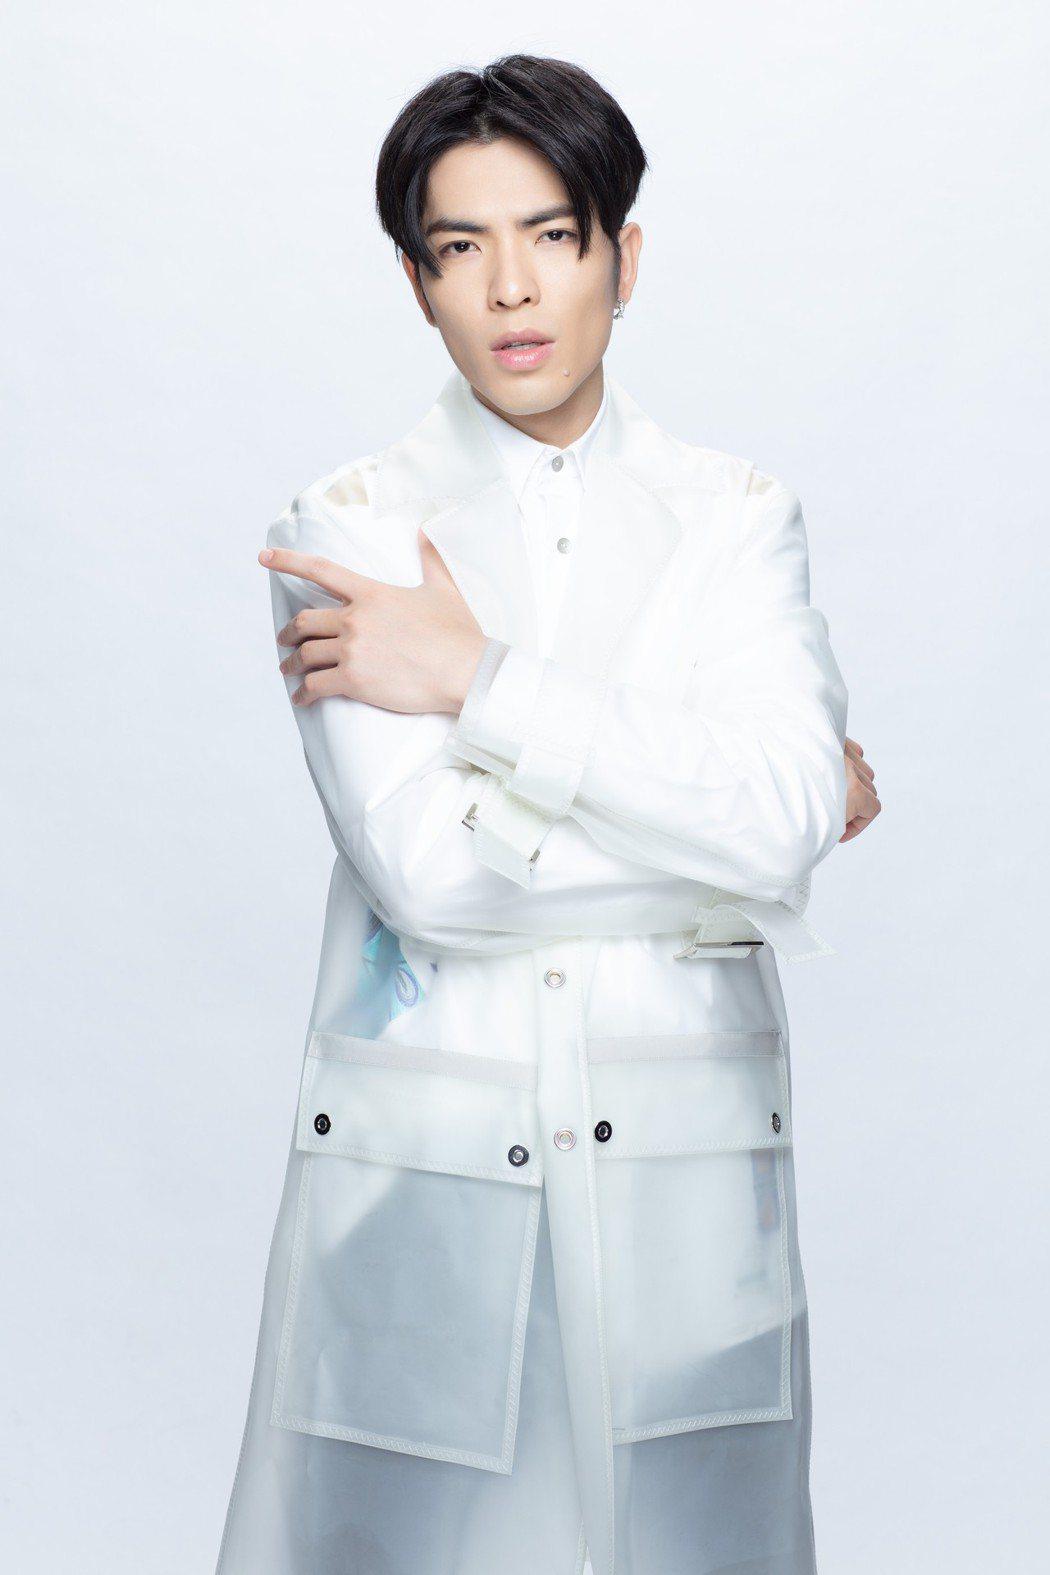 蕭敬騰將擔任「聲林之王」節目導師。圖/量子娛樂提供